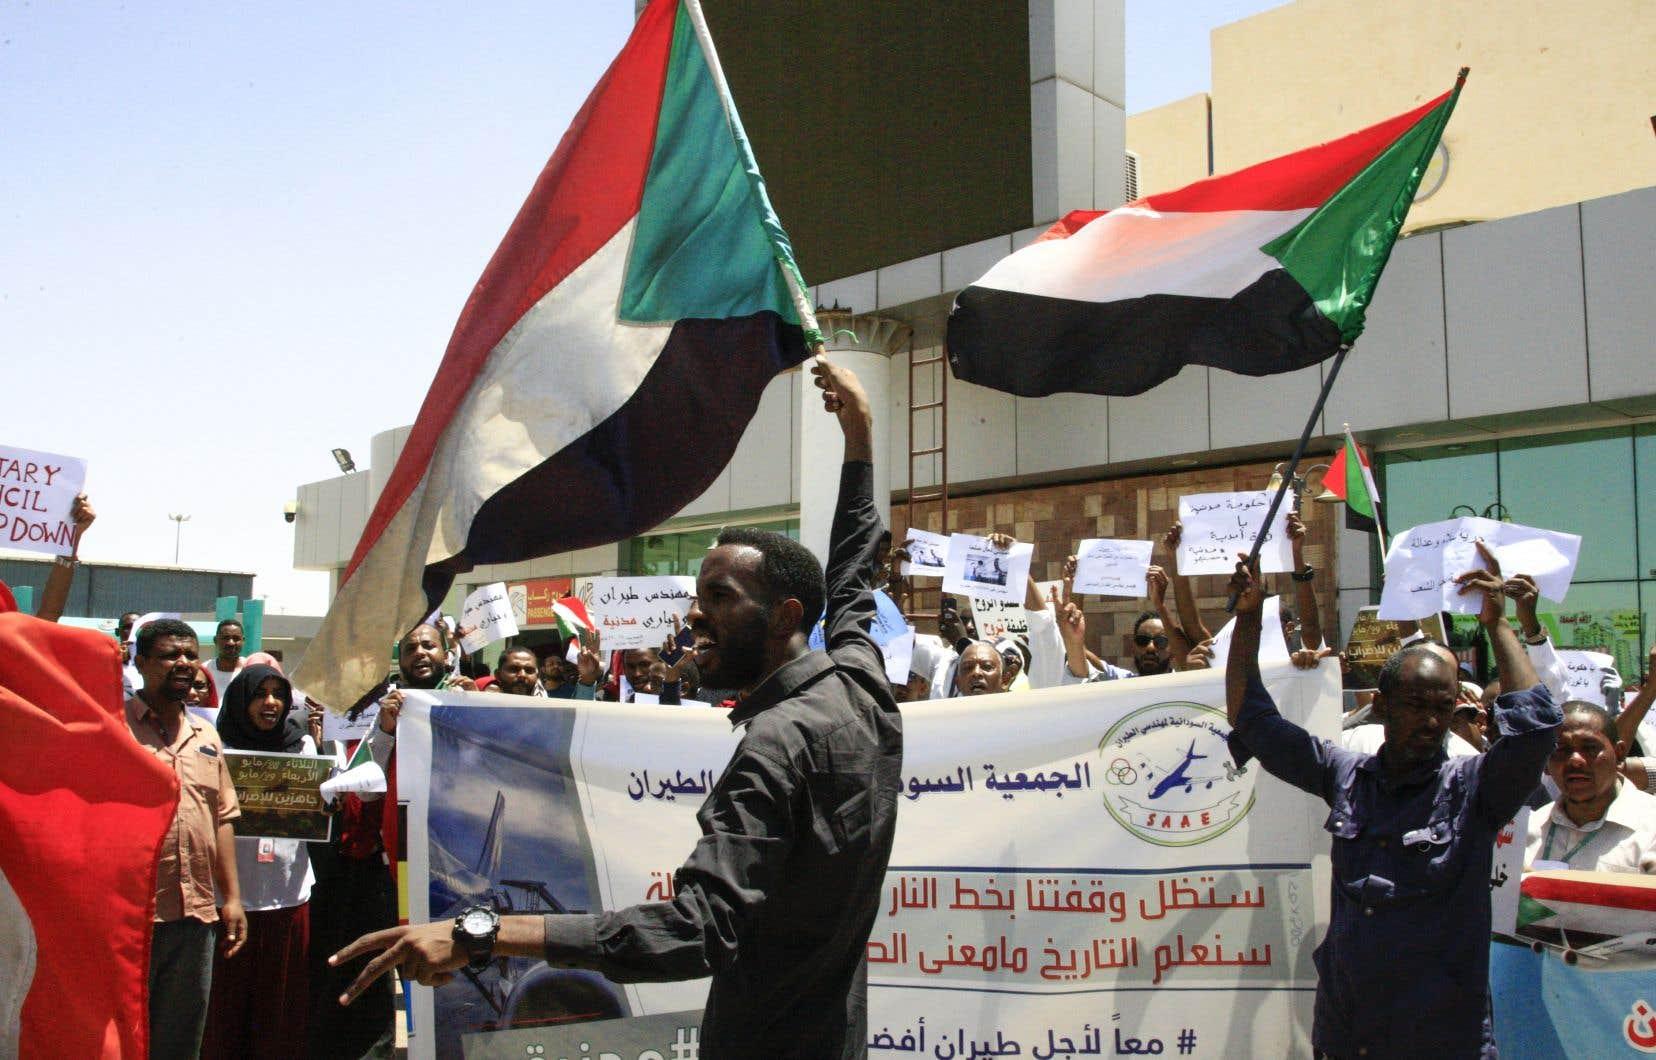 Des employés de l'aéroport de Khartoum, de la Banque centrale, de la compagnie nationale d'électricité, ou encore des fonctionnaires du parquet général, ont annoncé leur participation à cet arrêt de travail de 48heures prévu mardi et mercredi.